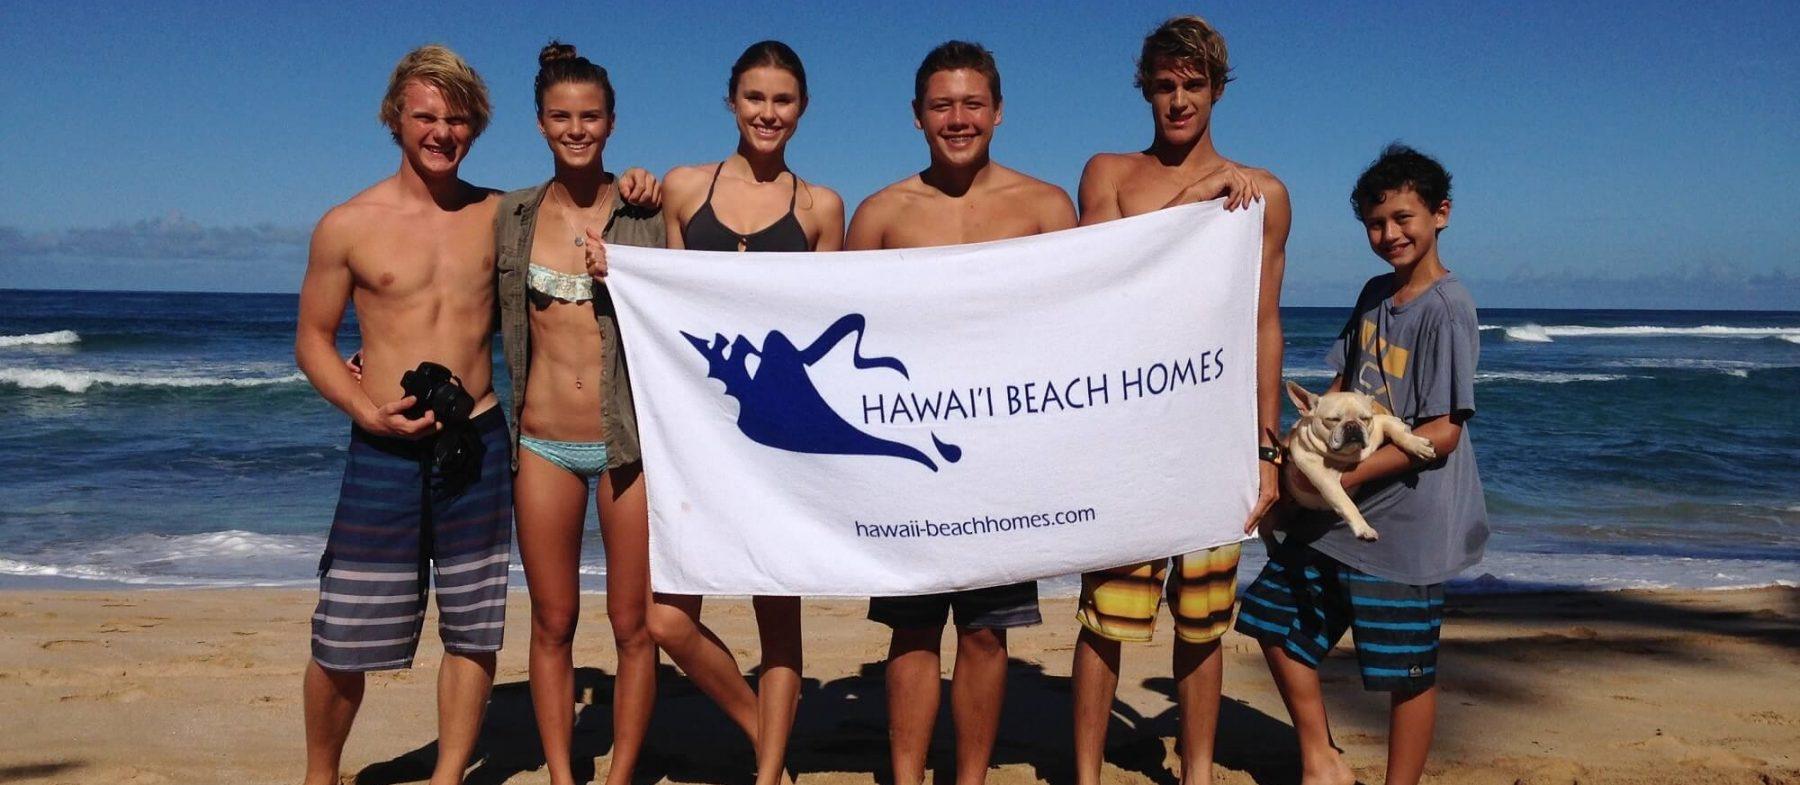 group on the beach holding the Hawaii Beach Homes flag